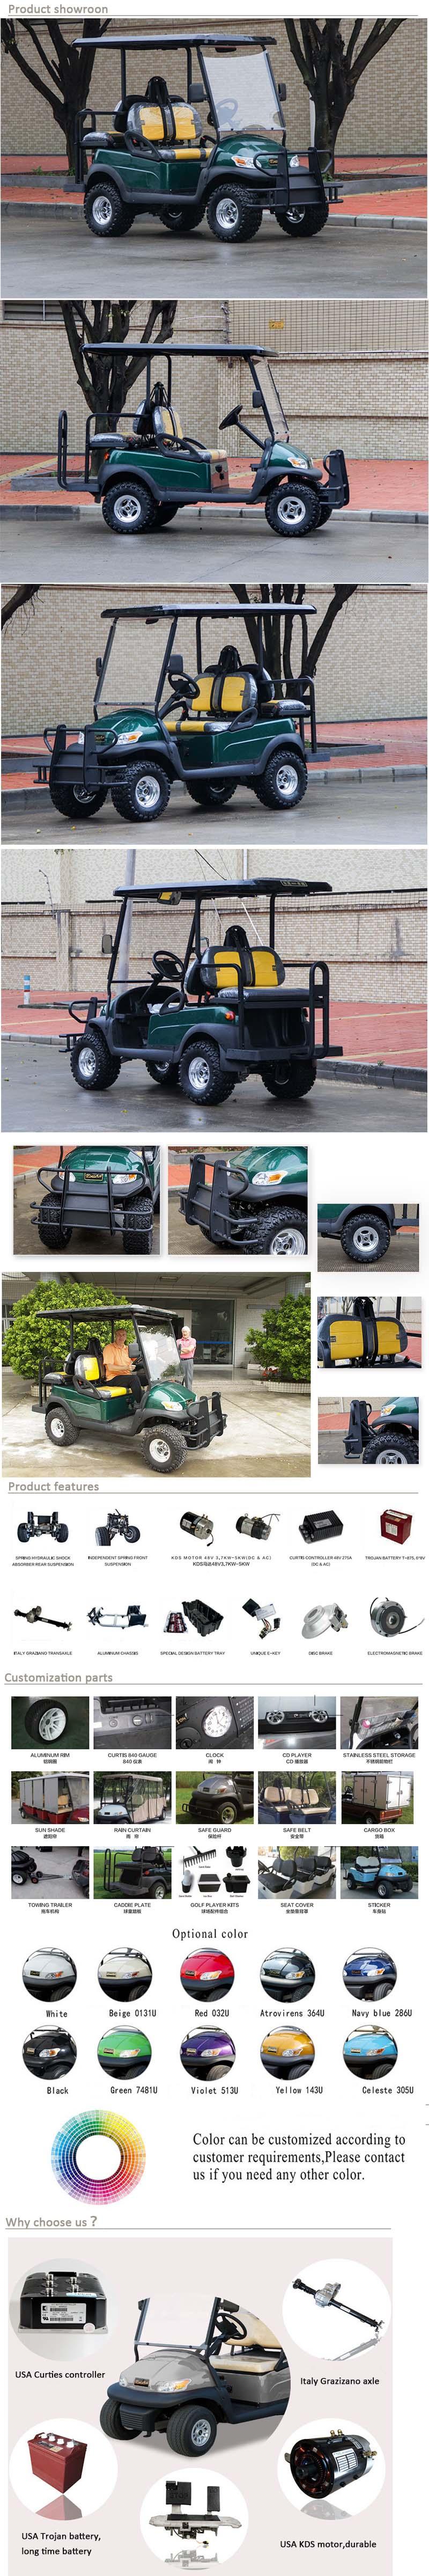 Hot Sale 4 Passenger Electric Golf Cart